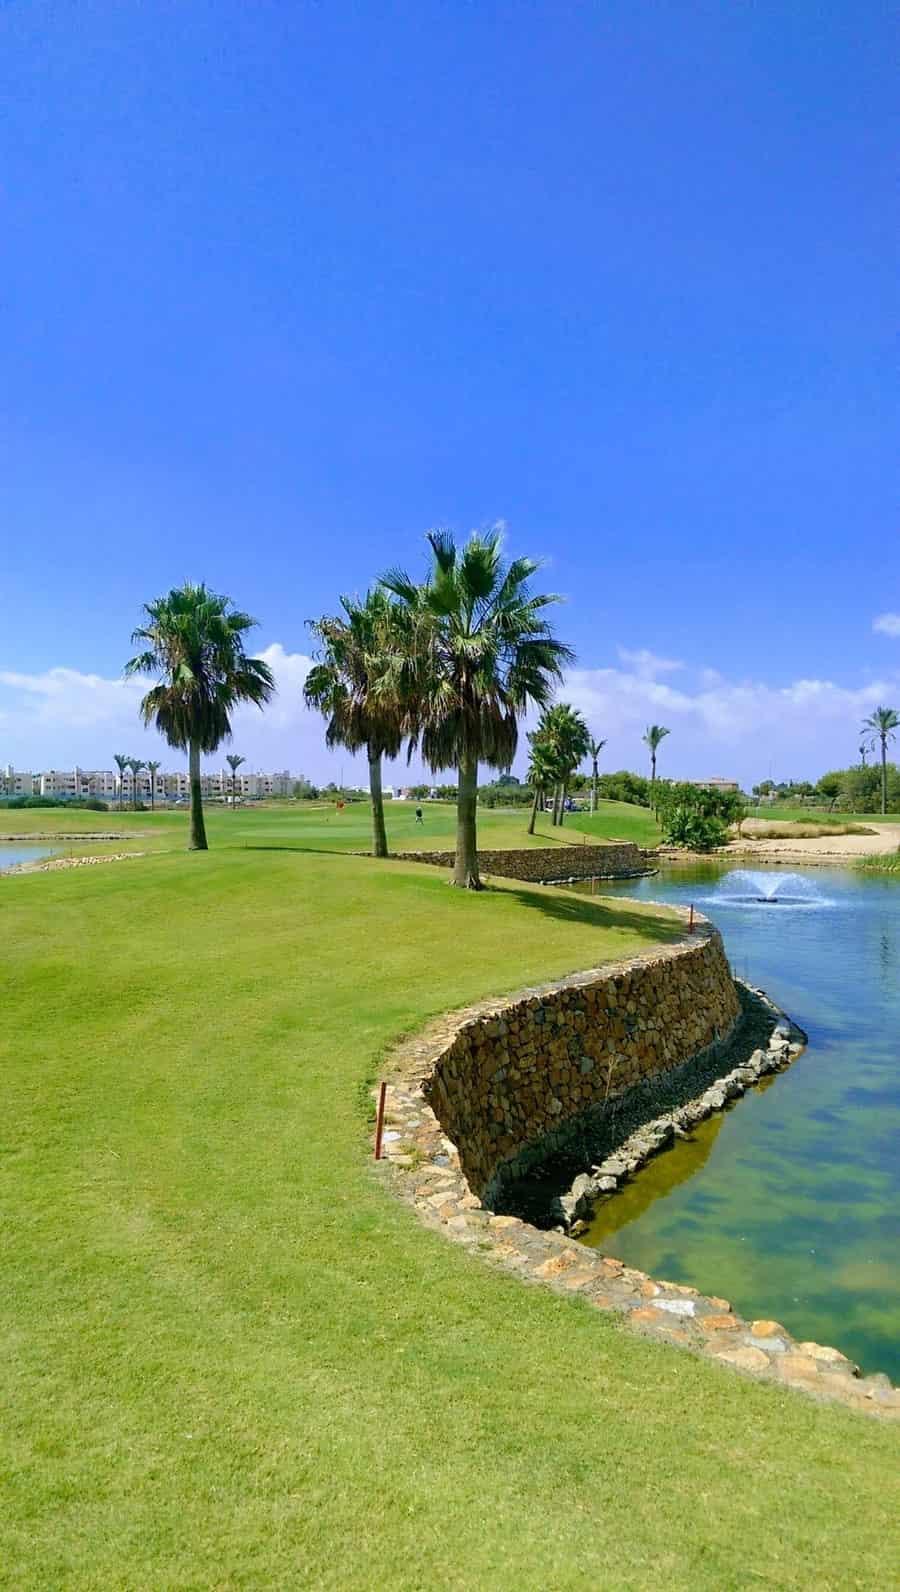 Roda Golf : 12ème green avec un plan d'eau à l'avant et à l'arrière